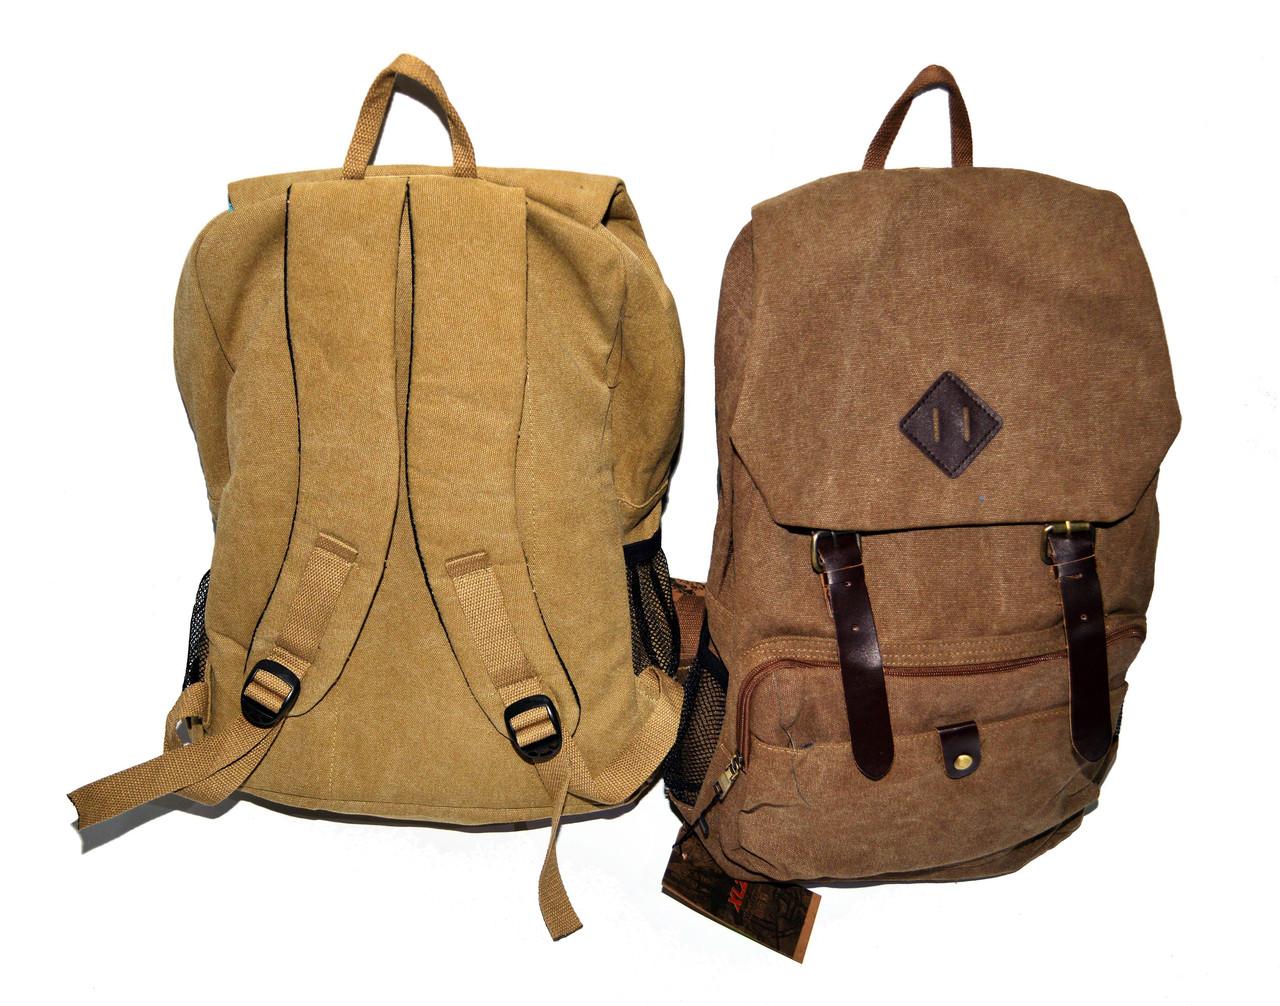 86a77a012e5a Городской рюкзак. Стильный, недорогой рюкзак. Практичный, повседневный  рюкзак. Интернет магазин.